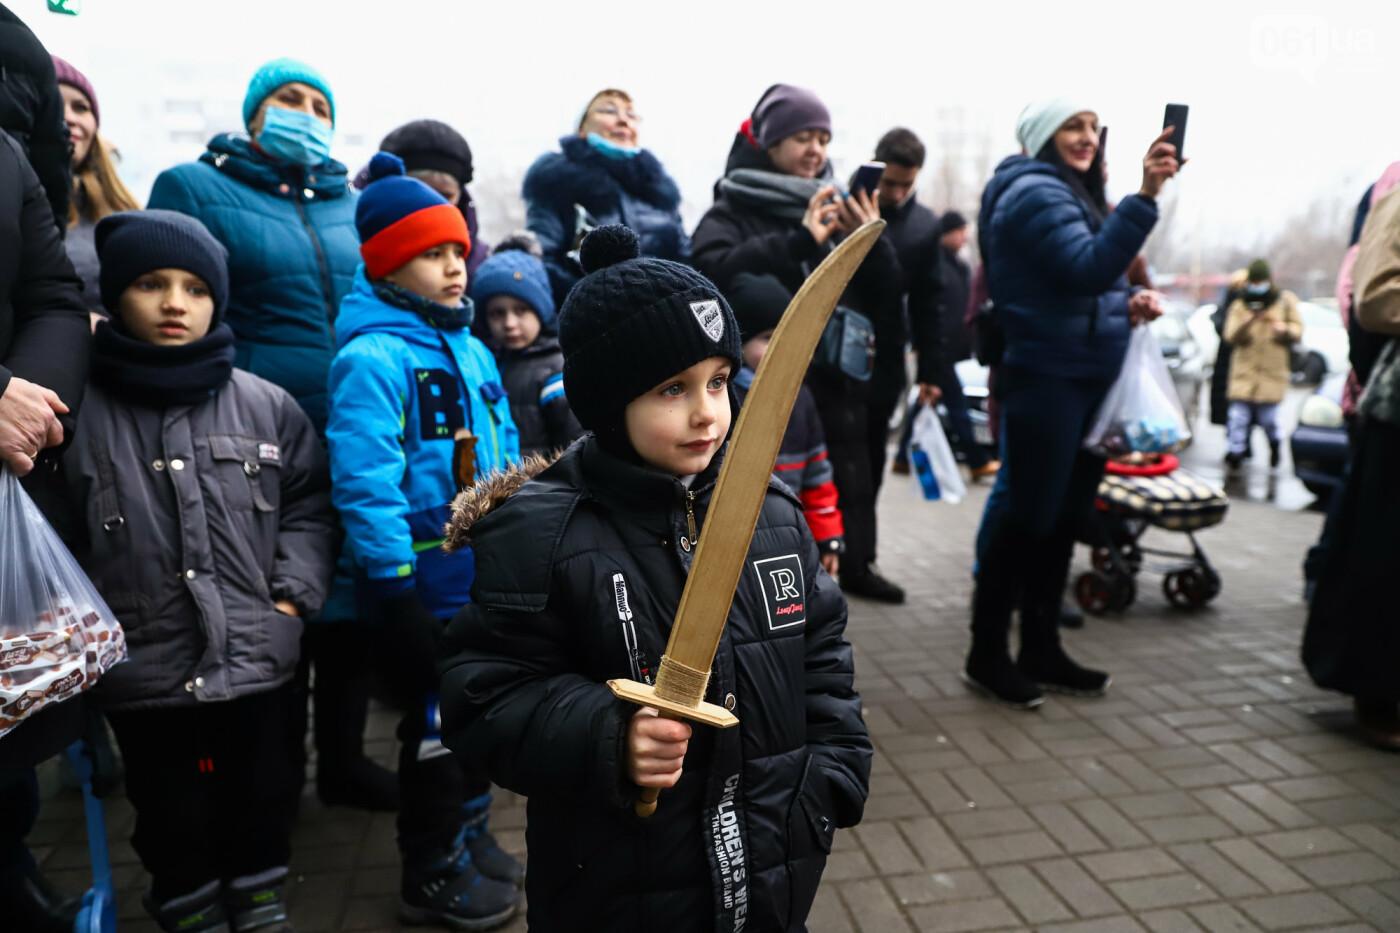 Нечистая сила против казаков: на улицах Запорожья показывали Рождественский вертеп, - ФОТО, ВИДЕО  , фото-12